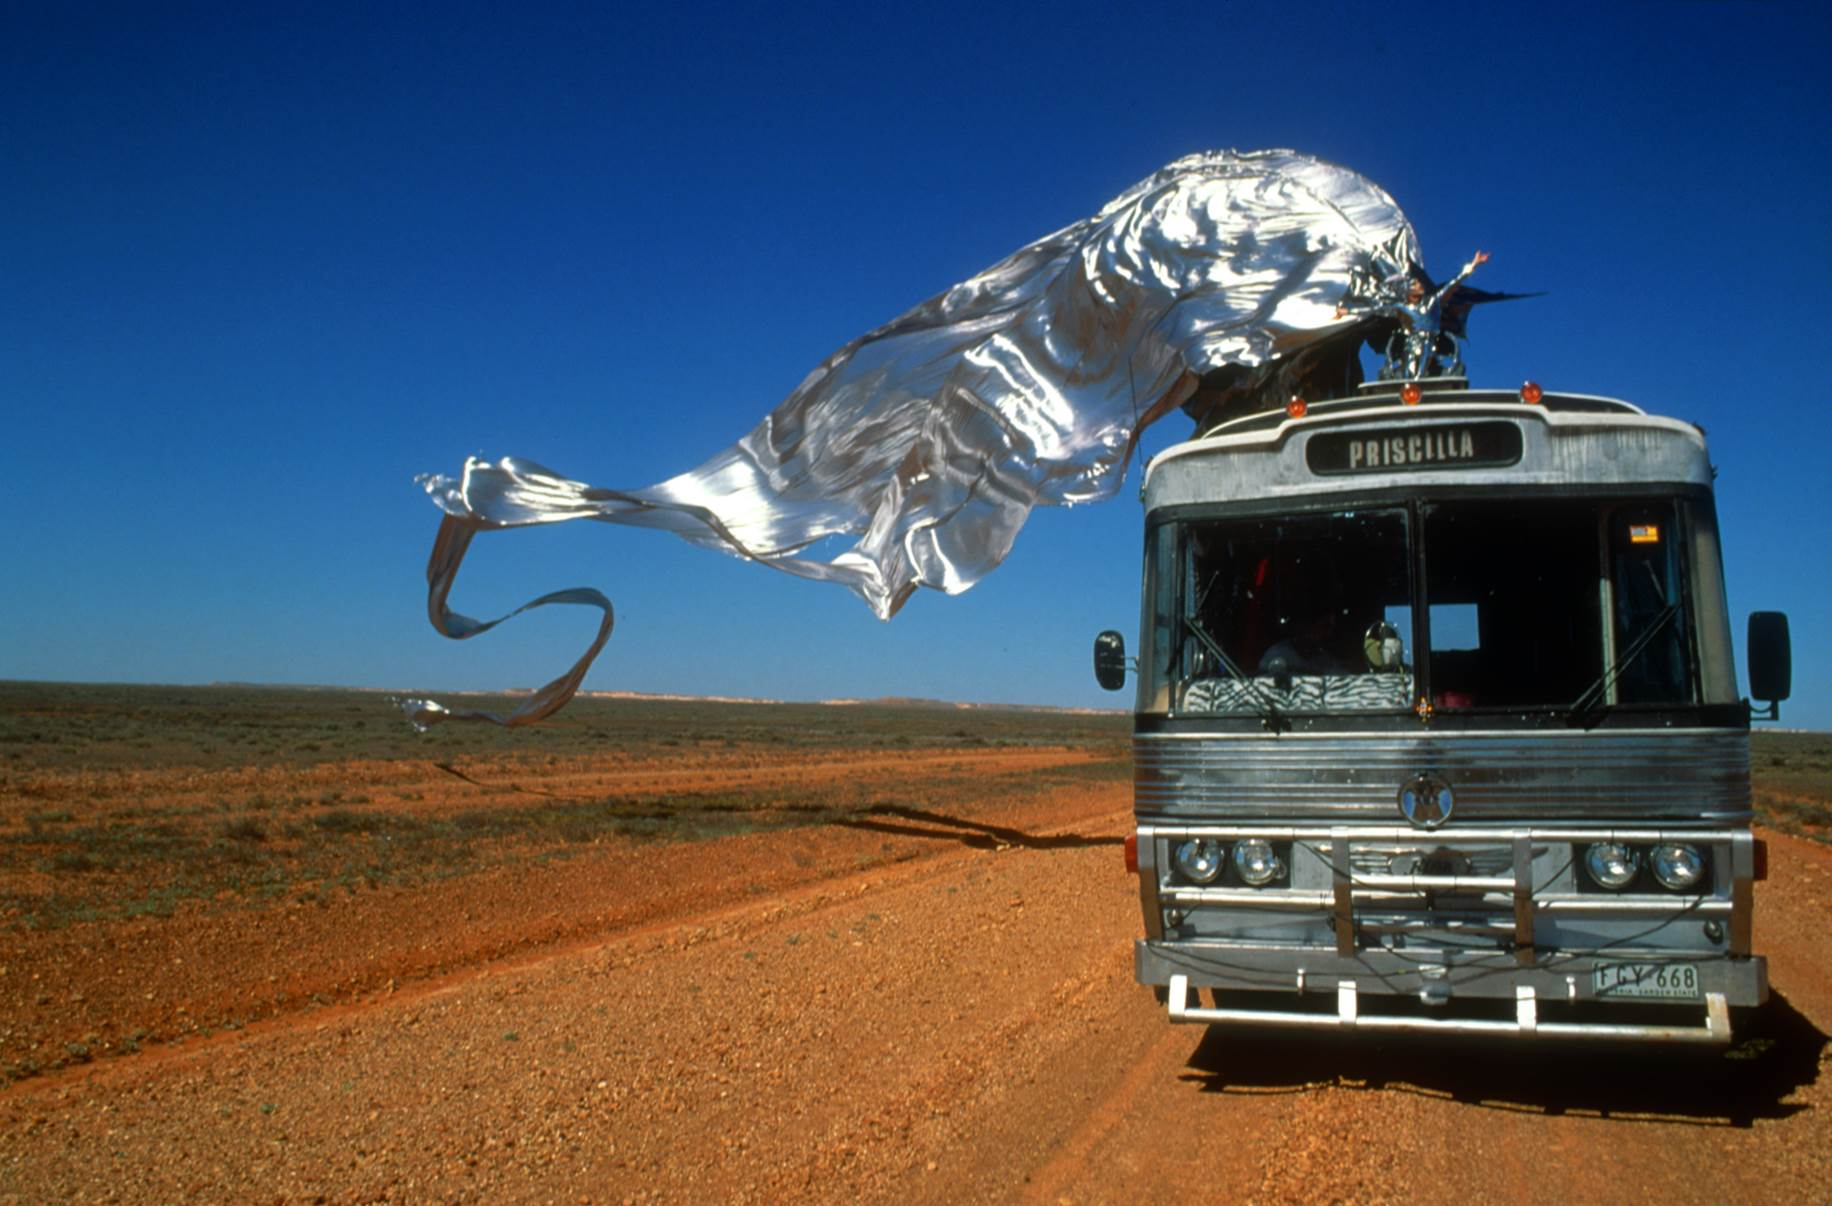 Priscilla Bus